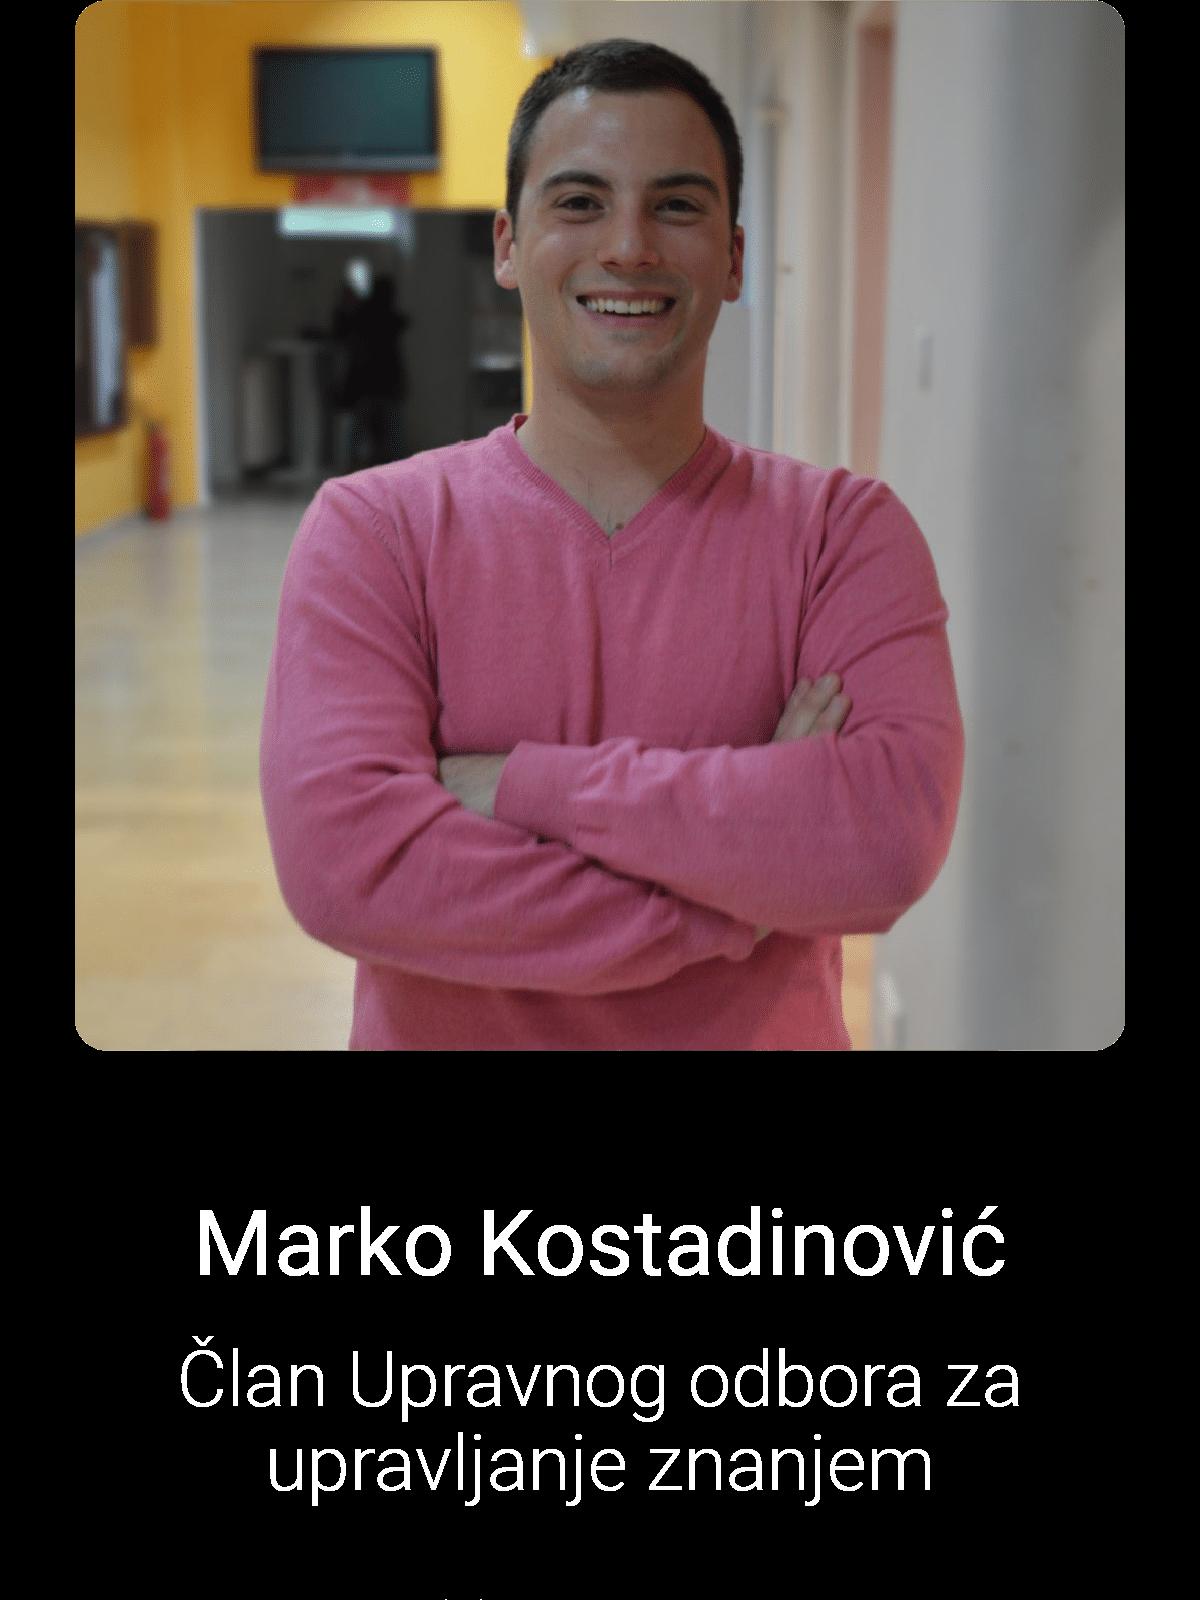 Marko Kostadinović